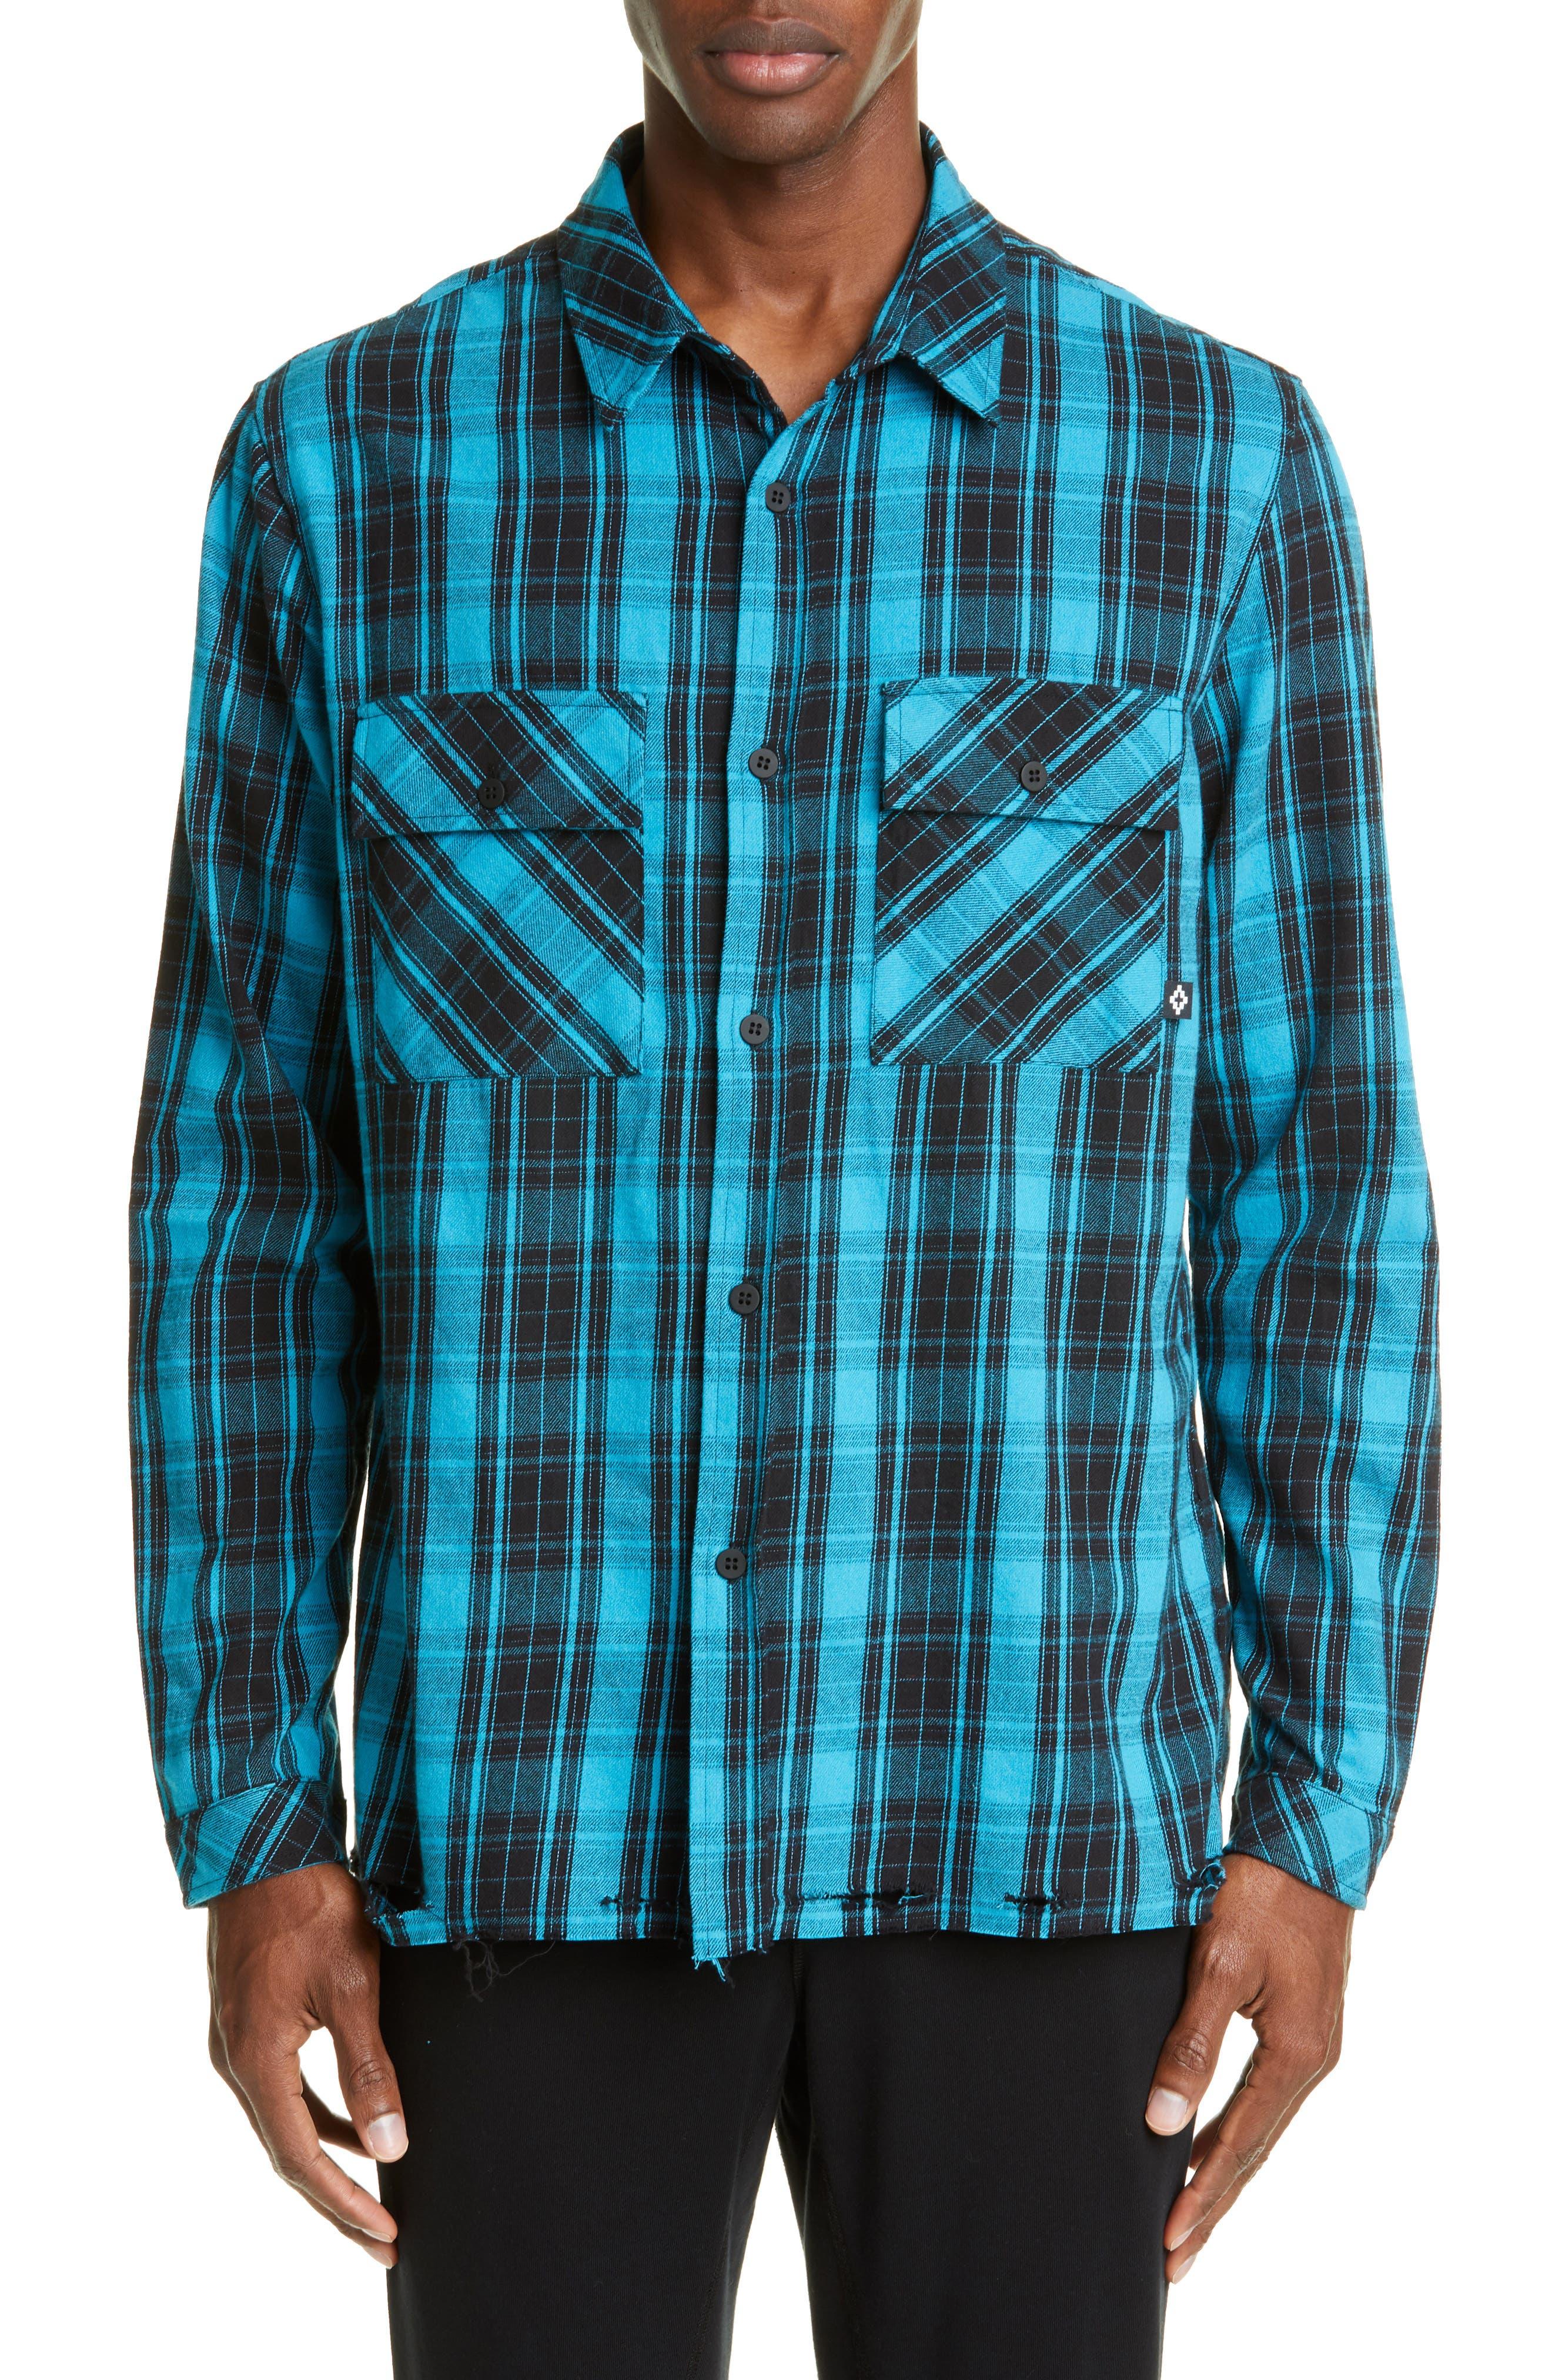 Marcelo Burlon County Check Plaid Button-Up Flannel Shirt, Blue